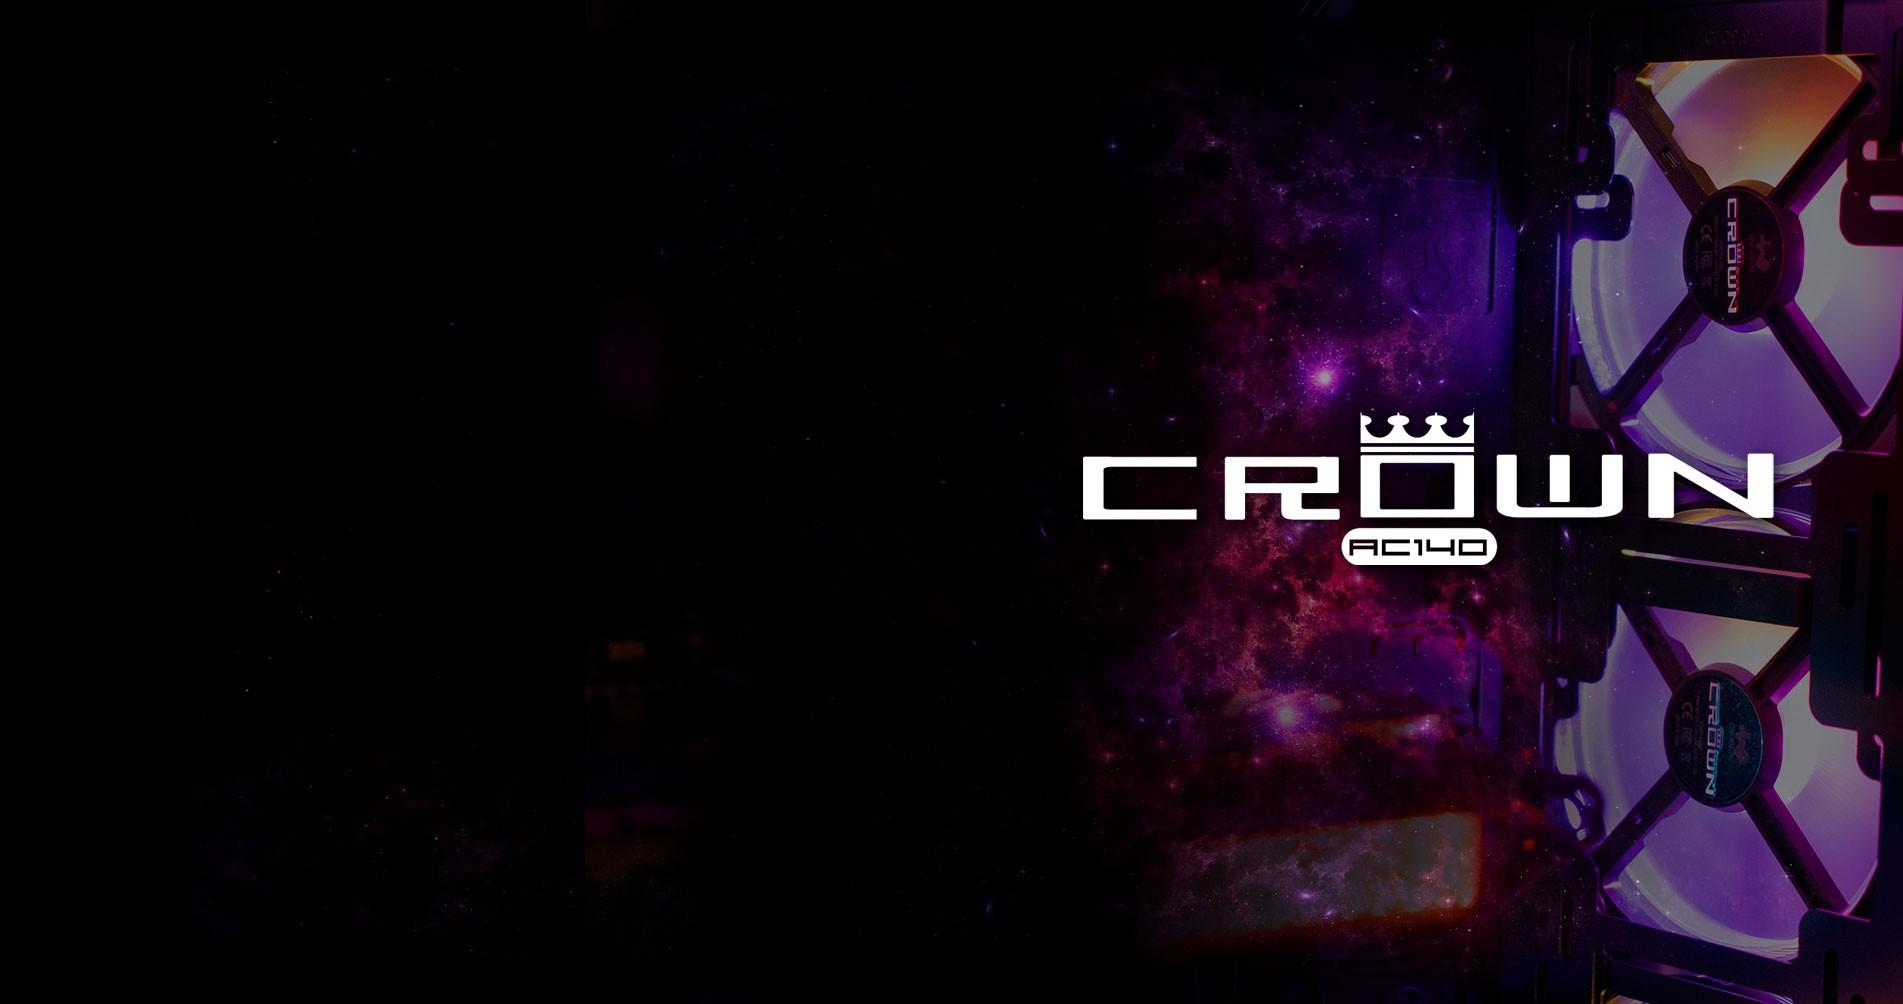 CROWN AC140